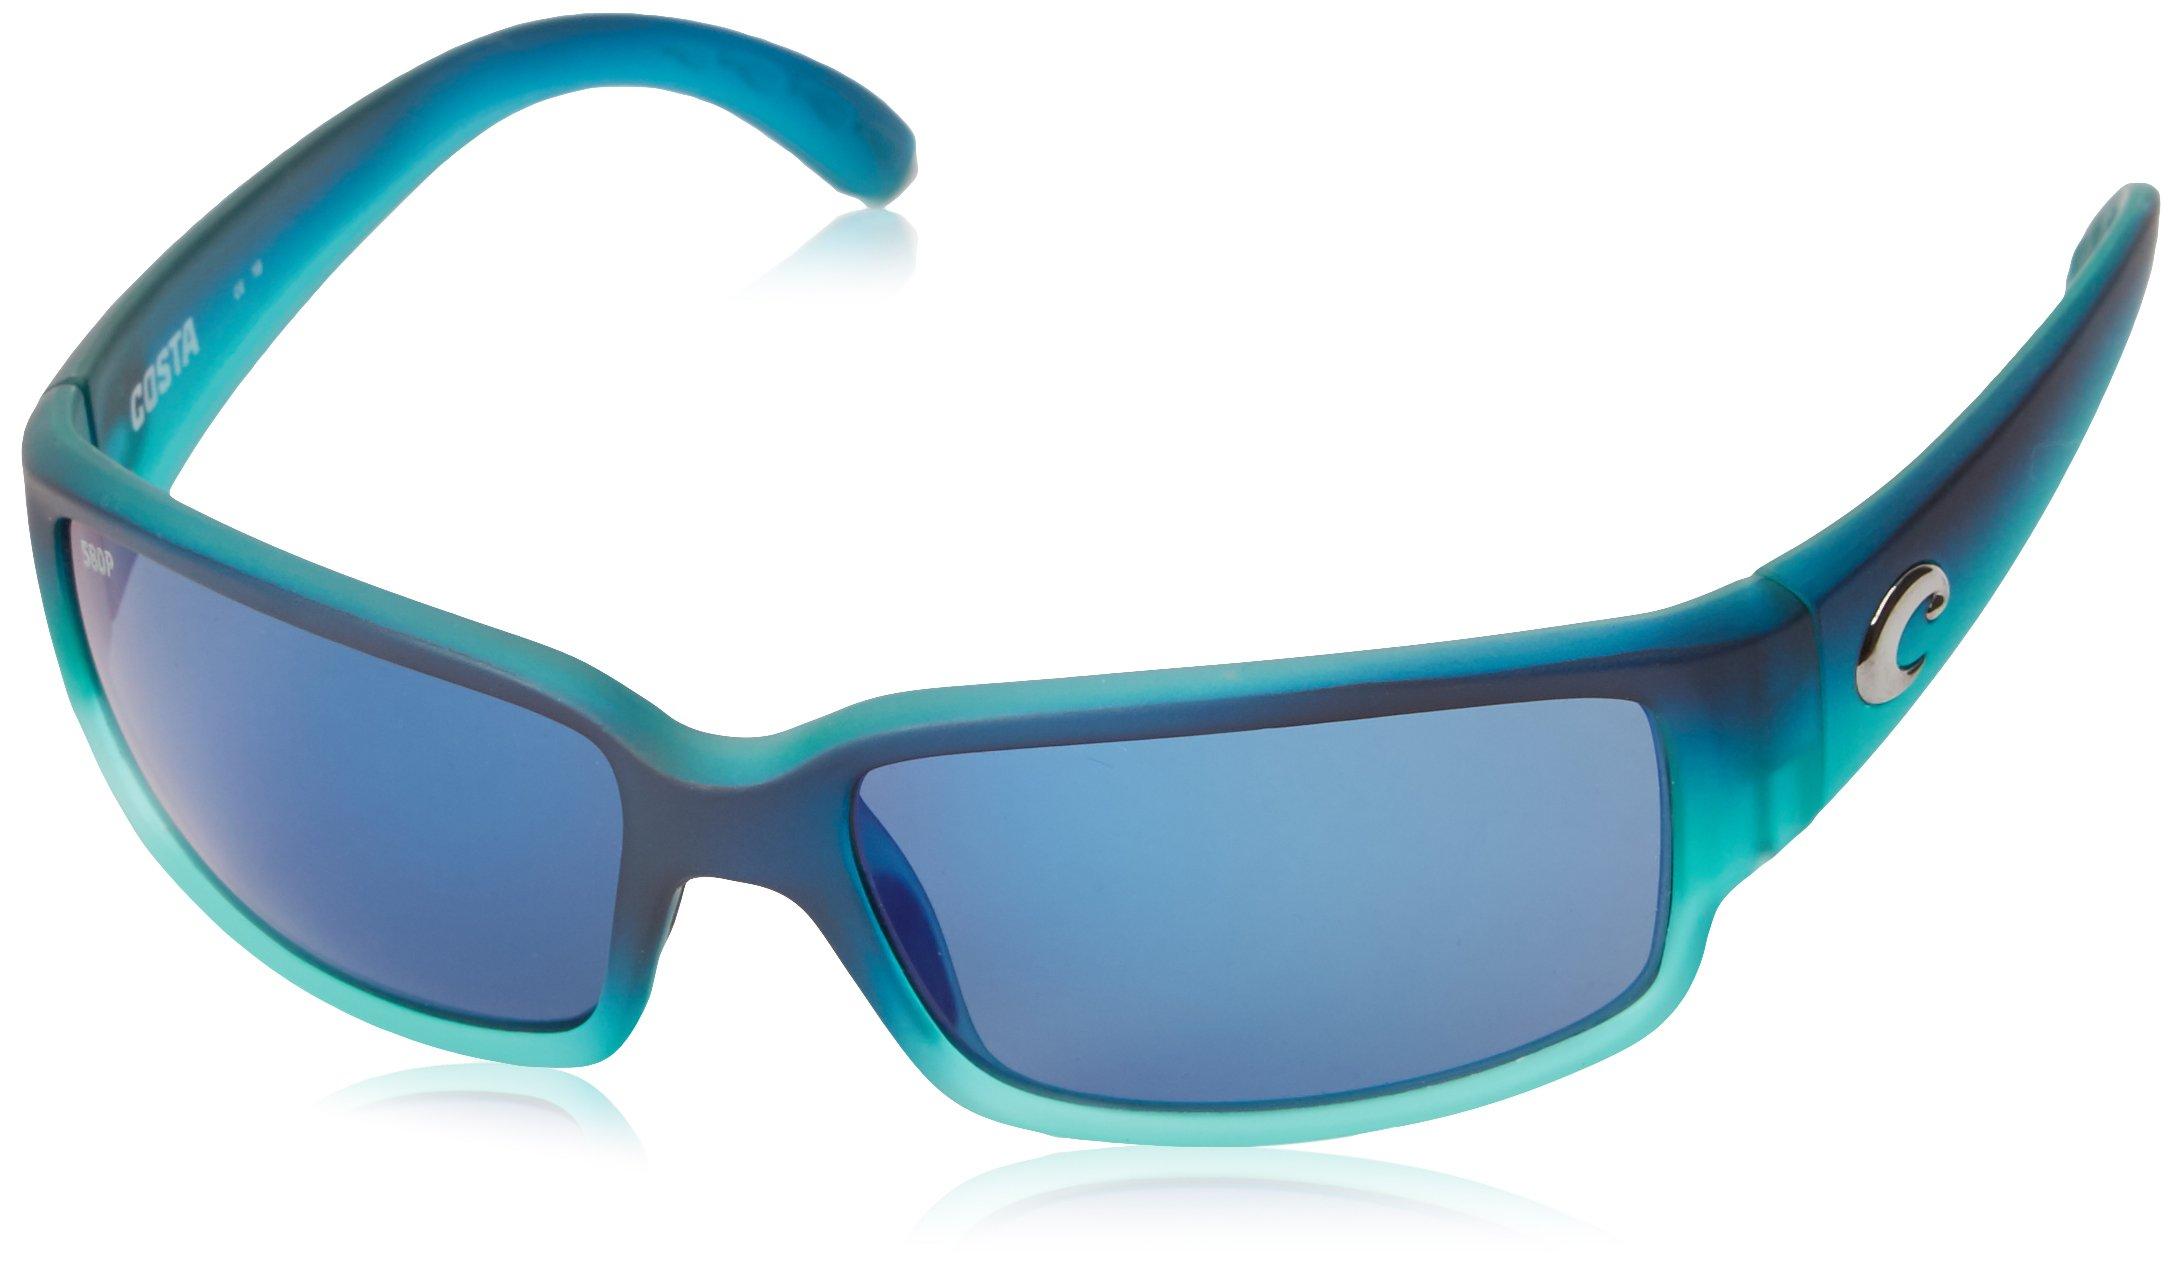 Costa Del Mar Caballito Sunglasses, Matte Caribbean Fade, Blue Mirror 580Plastic Lens by Costa Del Mar